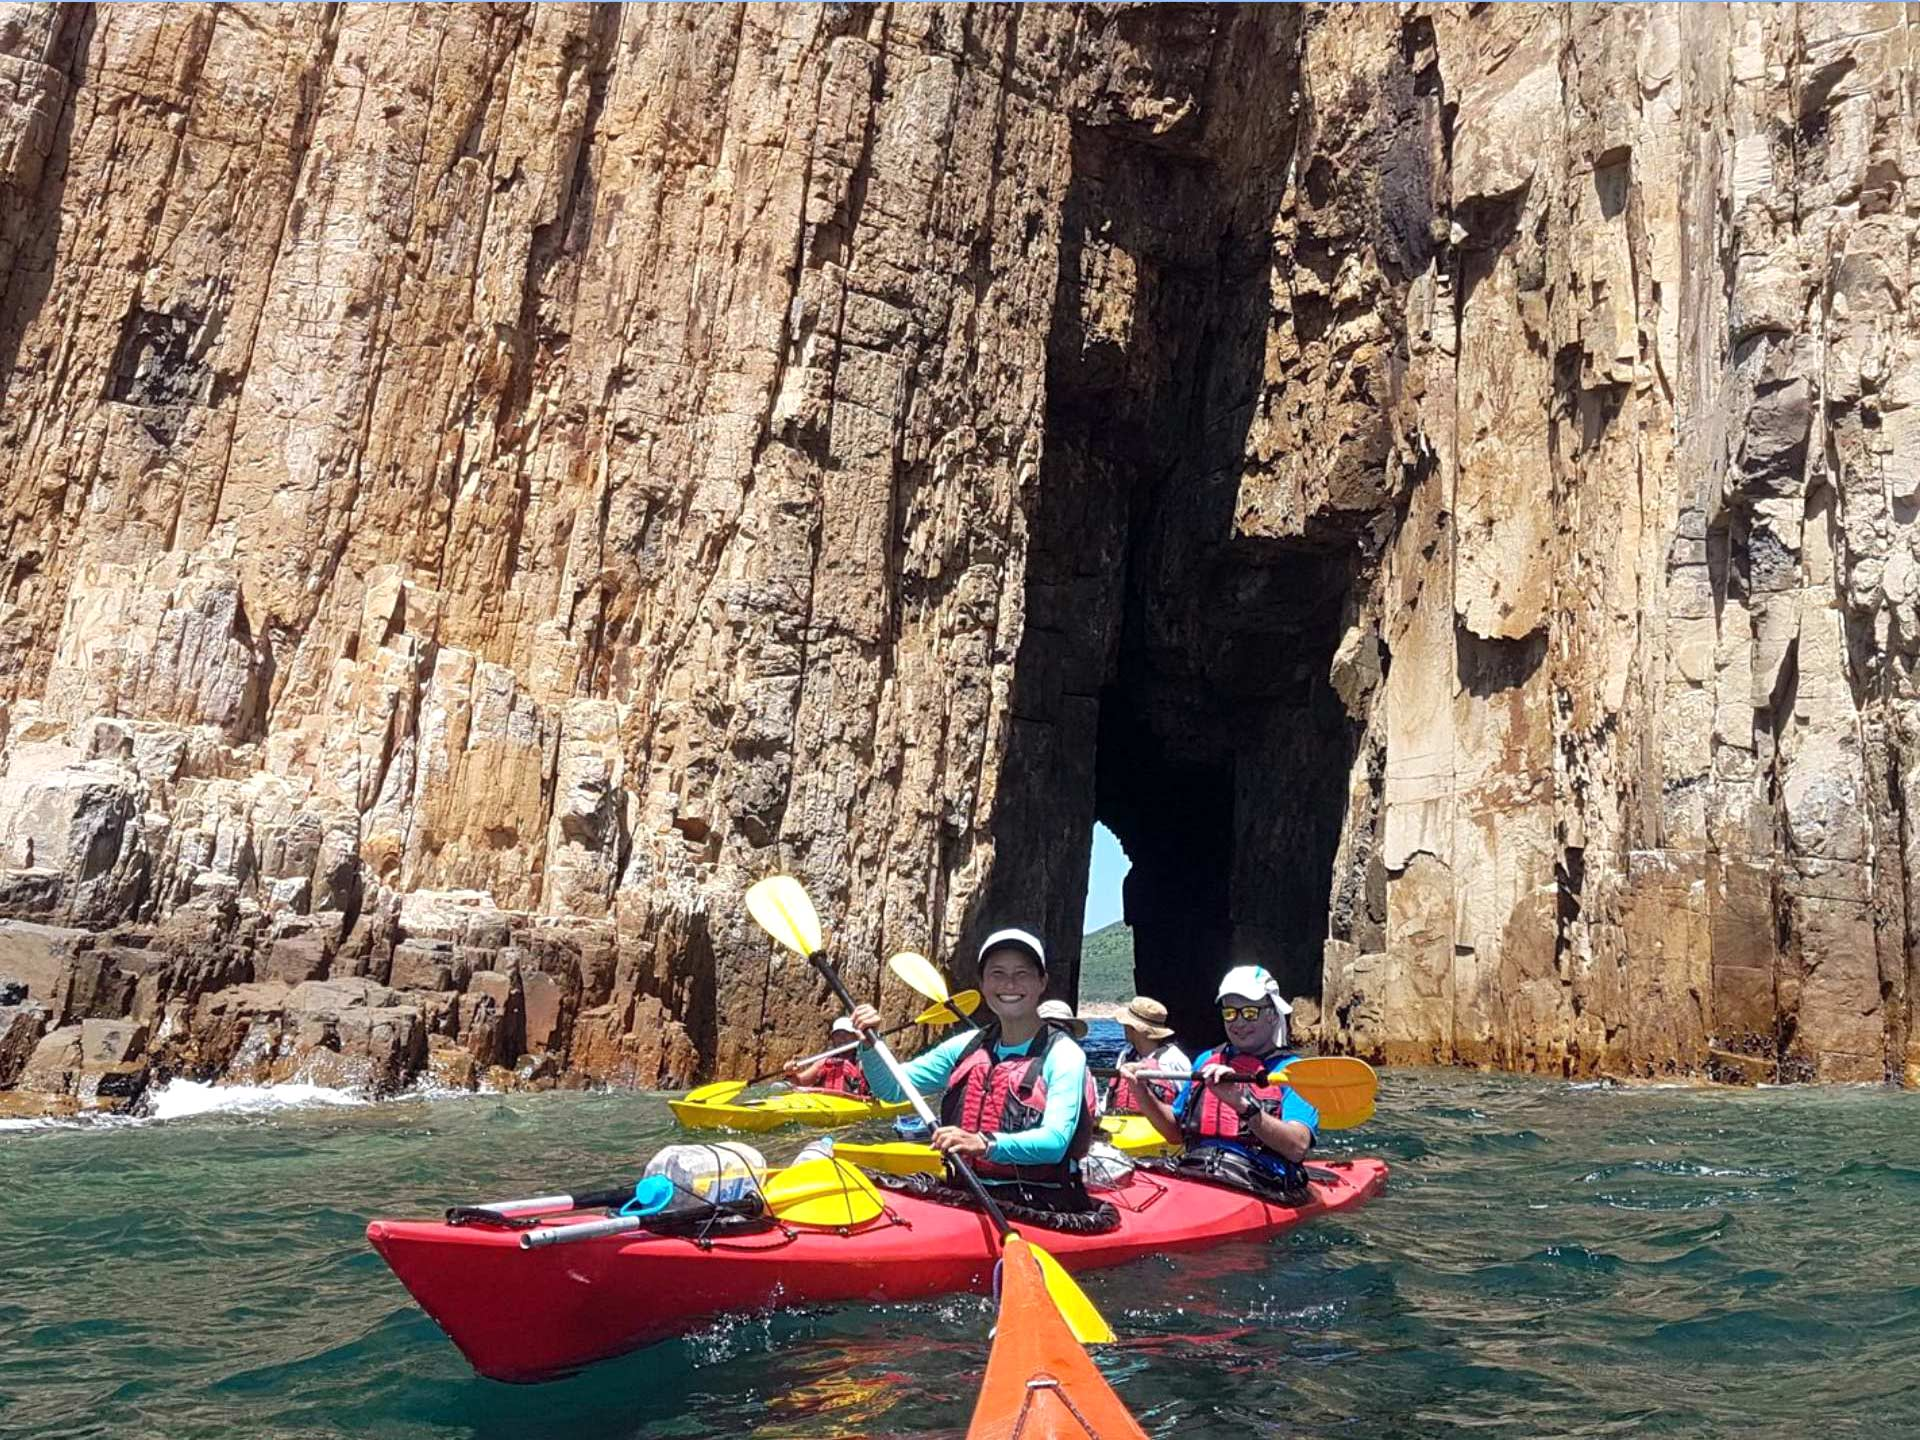 sai-kung-UNESCO-sea-kayak-hong-kong-cave